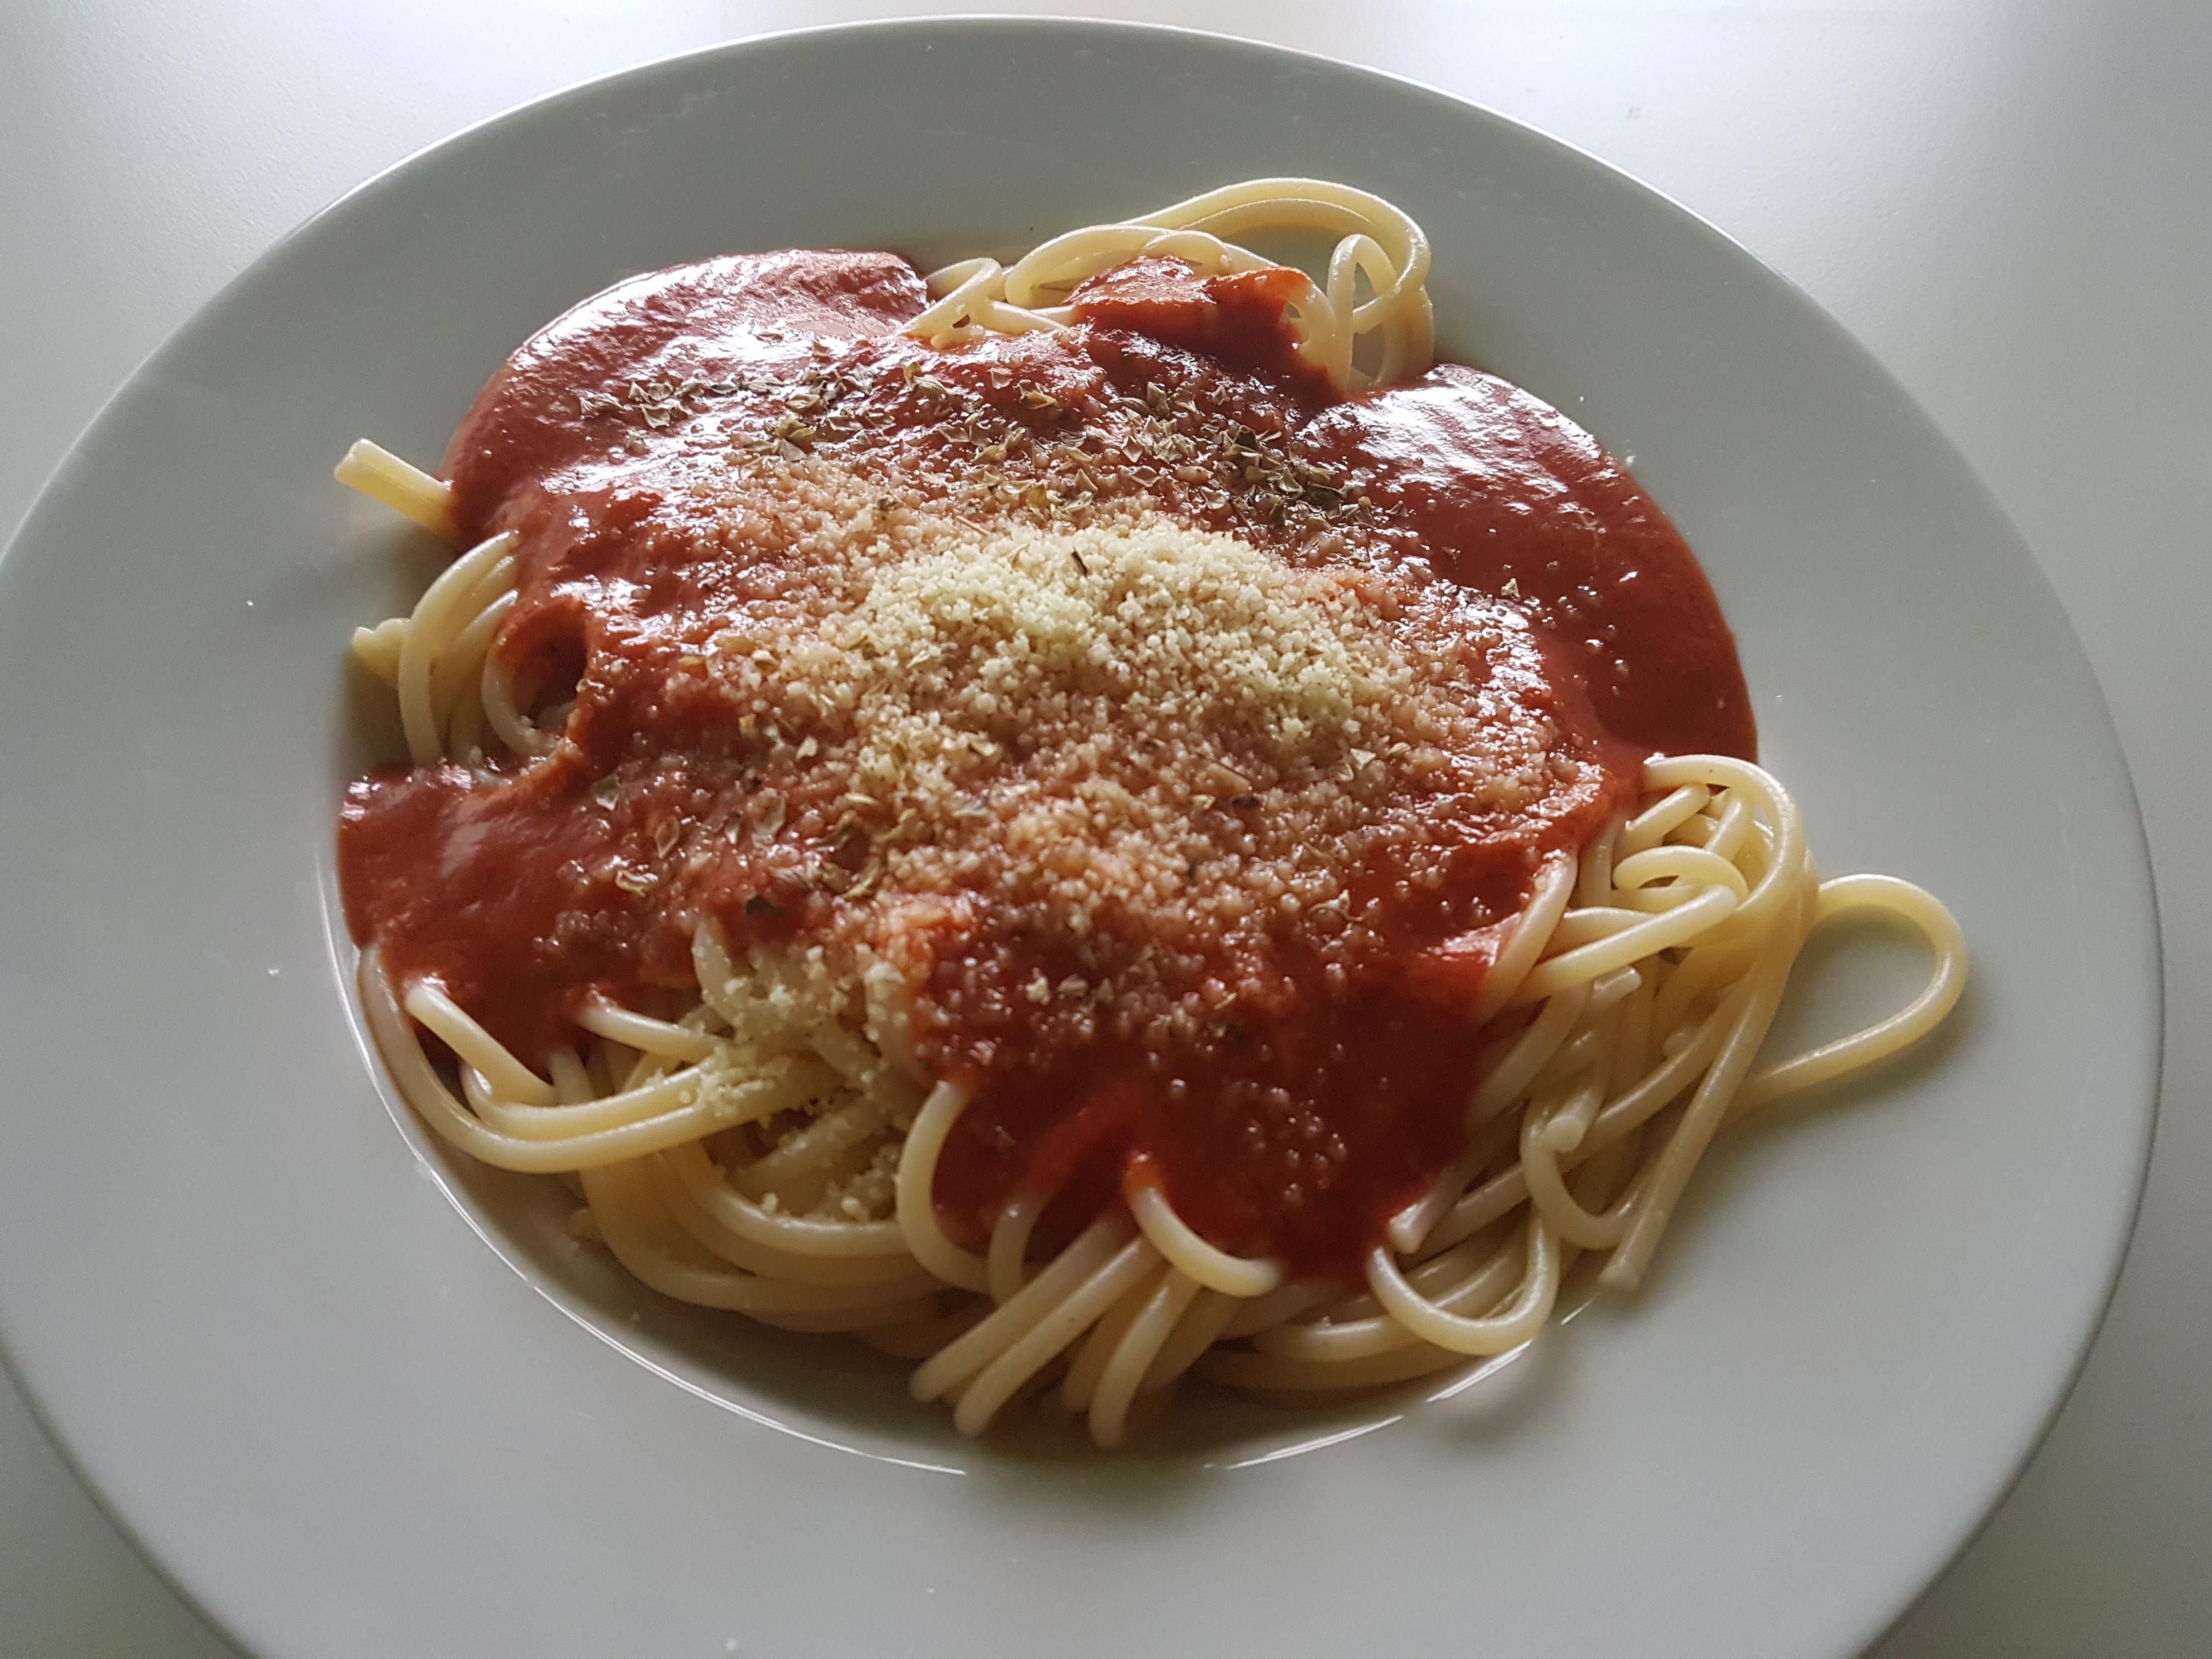 http://foodloader.net/Holz_2018-10-03_Spaghetti.jpg